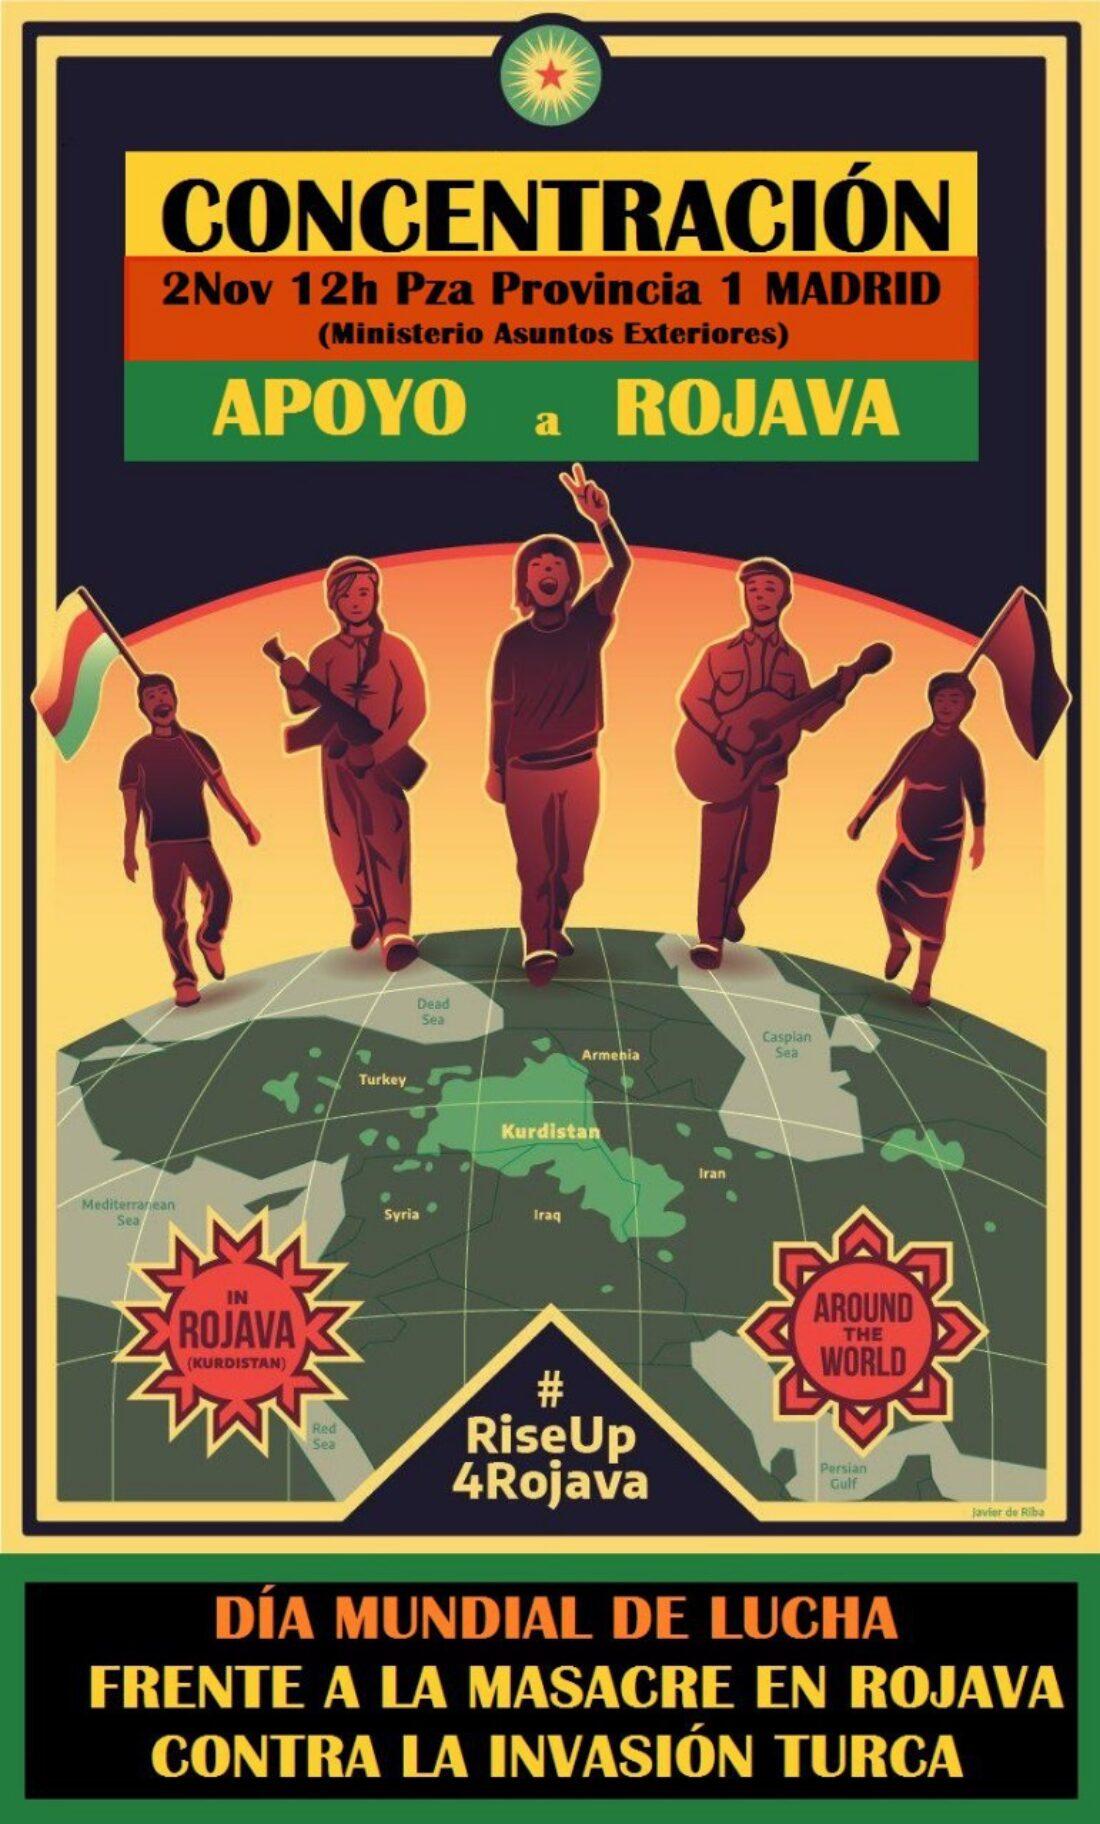 2 de noviembre. Día de acción mundial frente a la masacre en Rojava